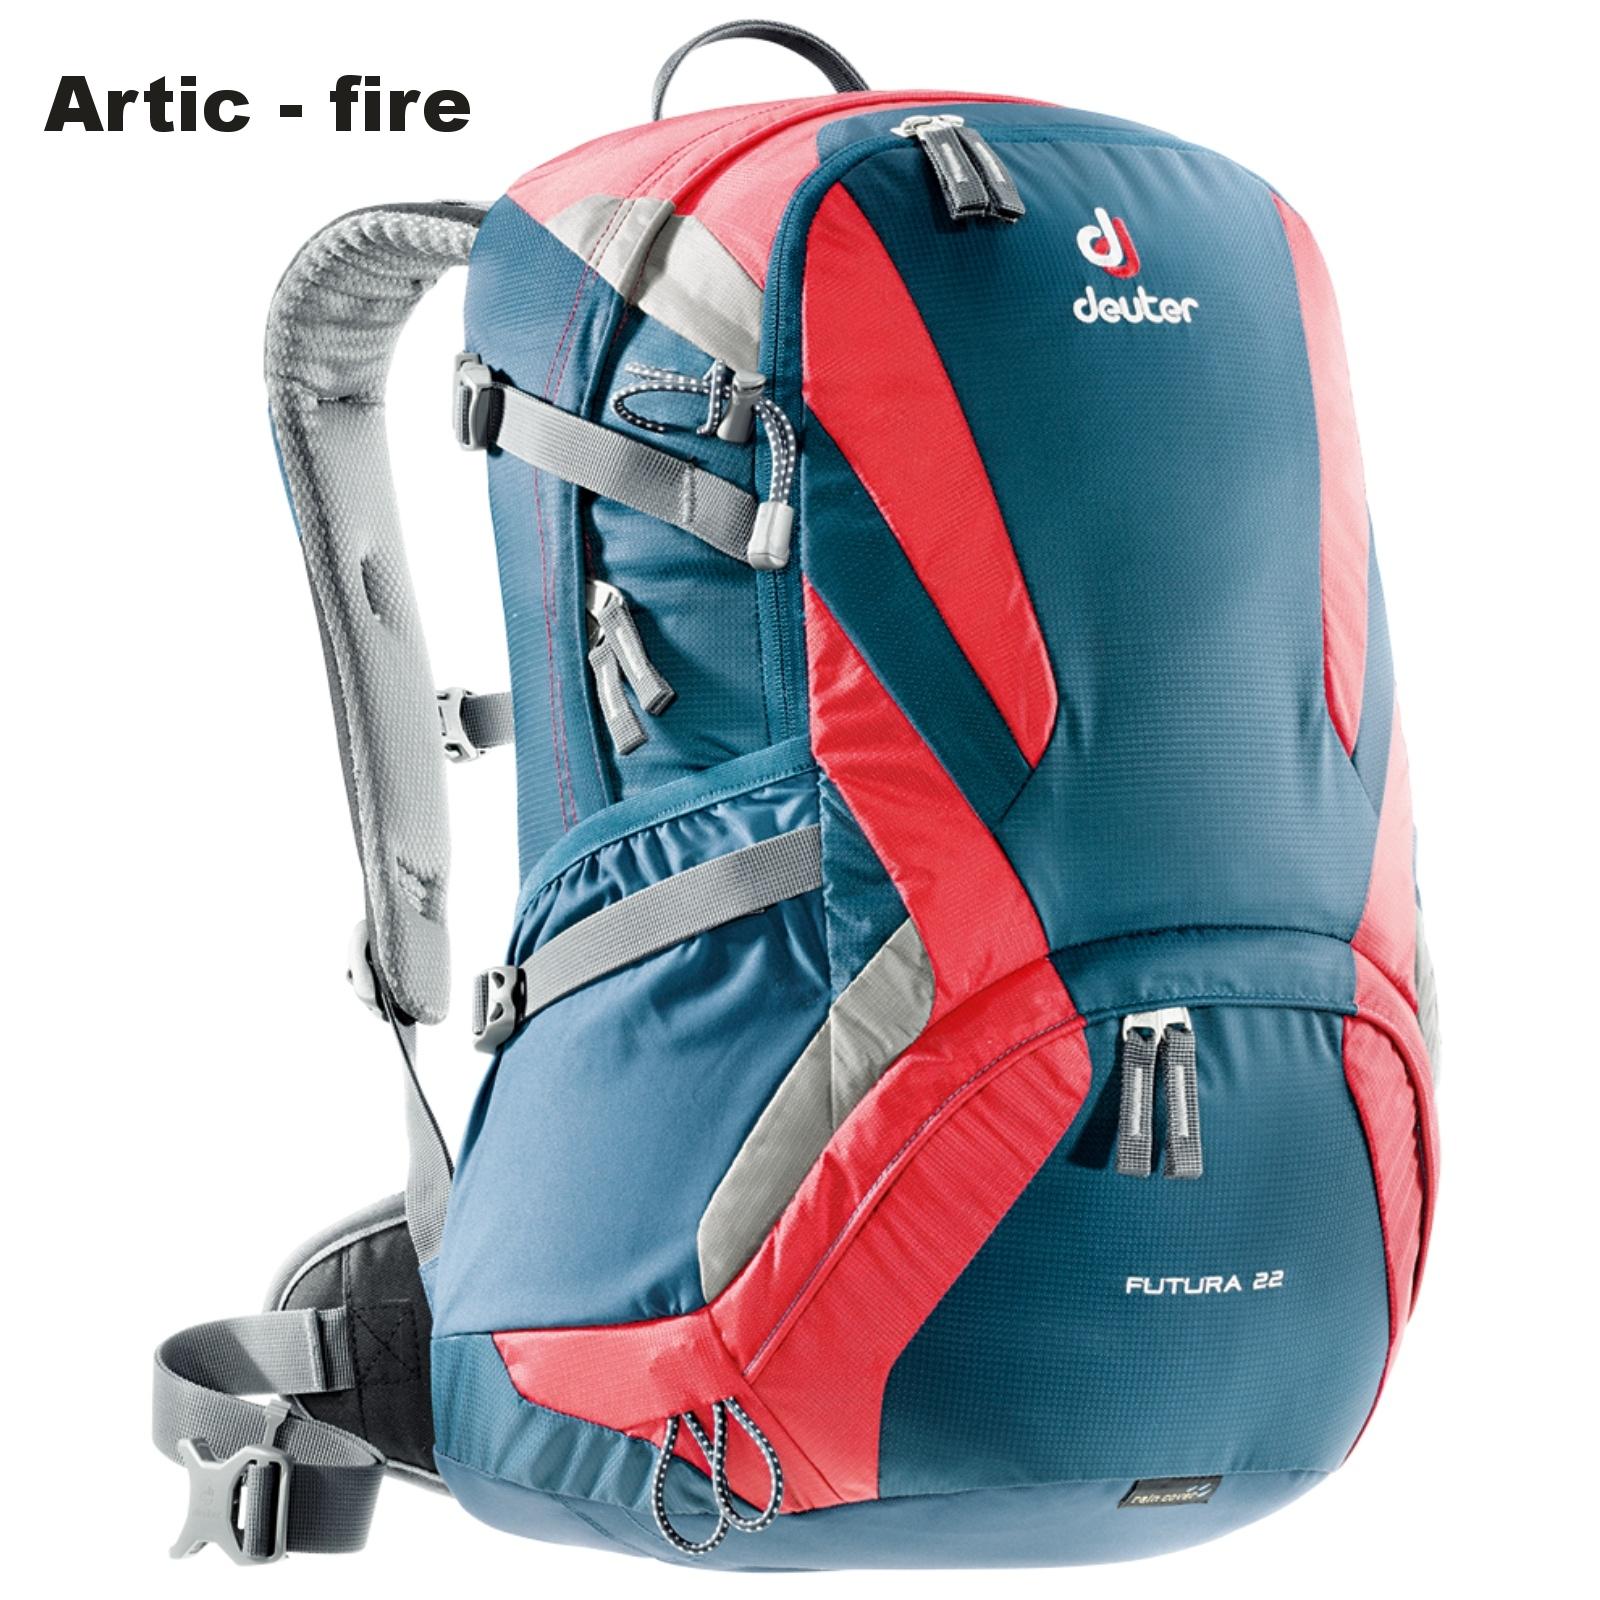 Batoh DEUTER Futura 22 l - arctic-fire